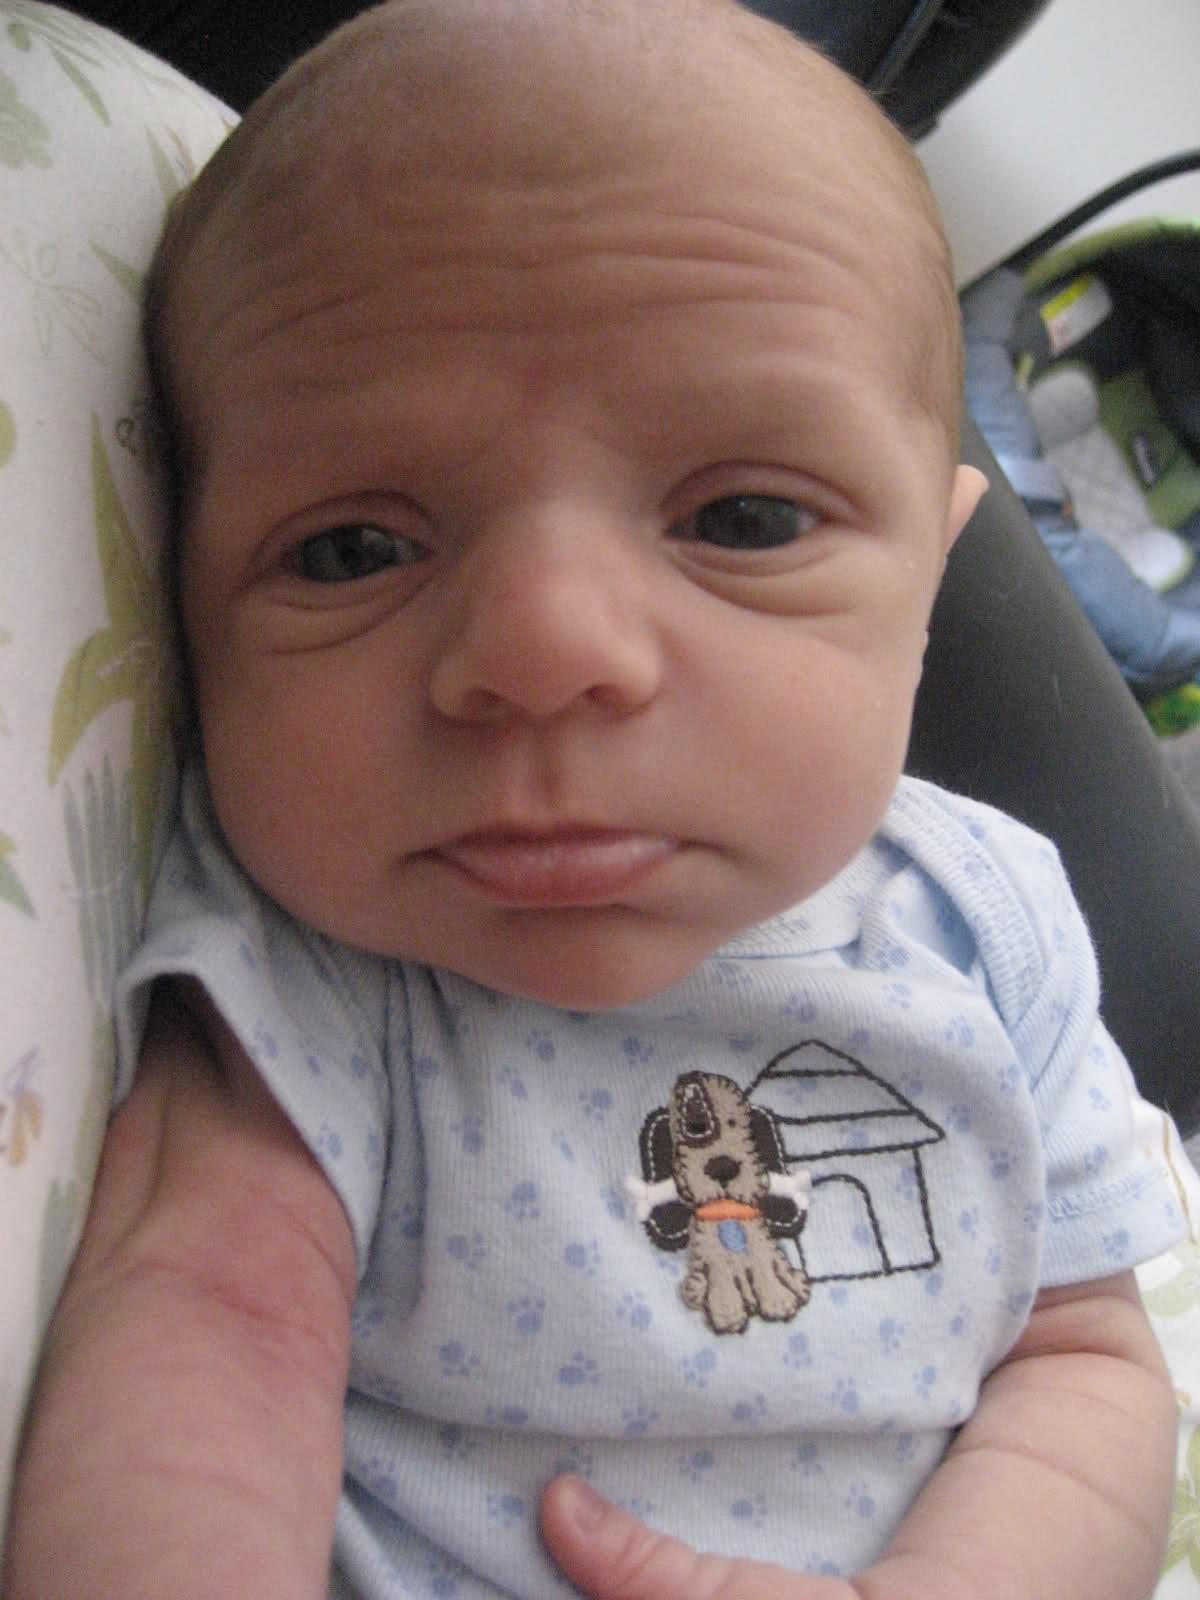 Dünyaya Gelmekten Memnun Kalmayan 15 Şirin Bebek - 1